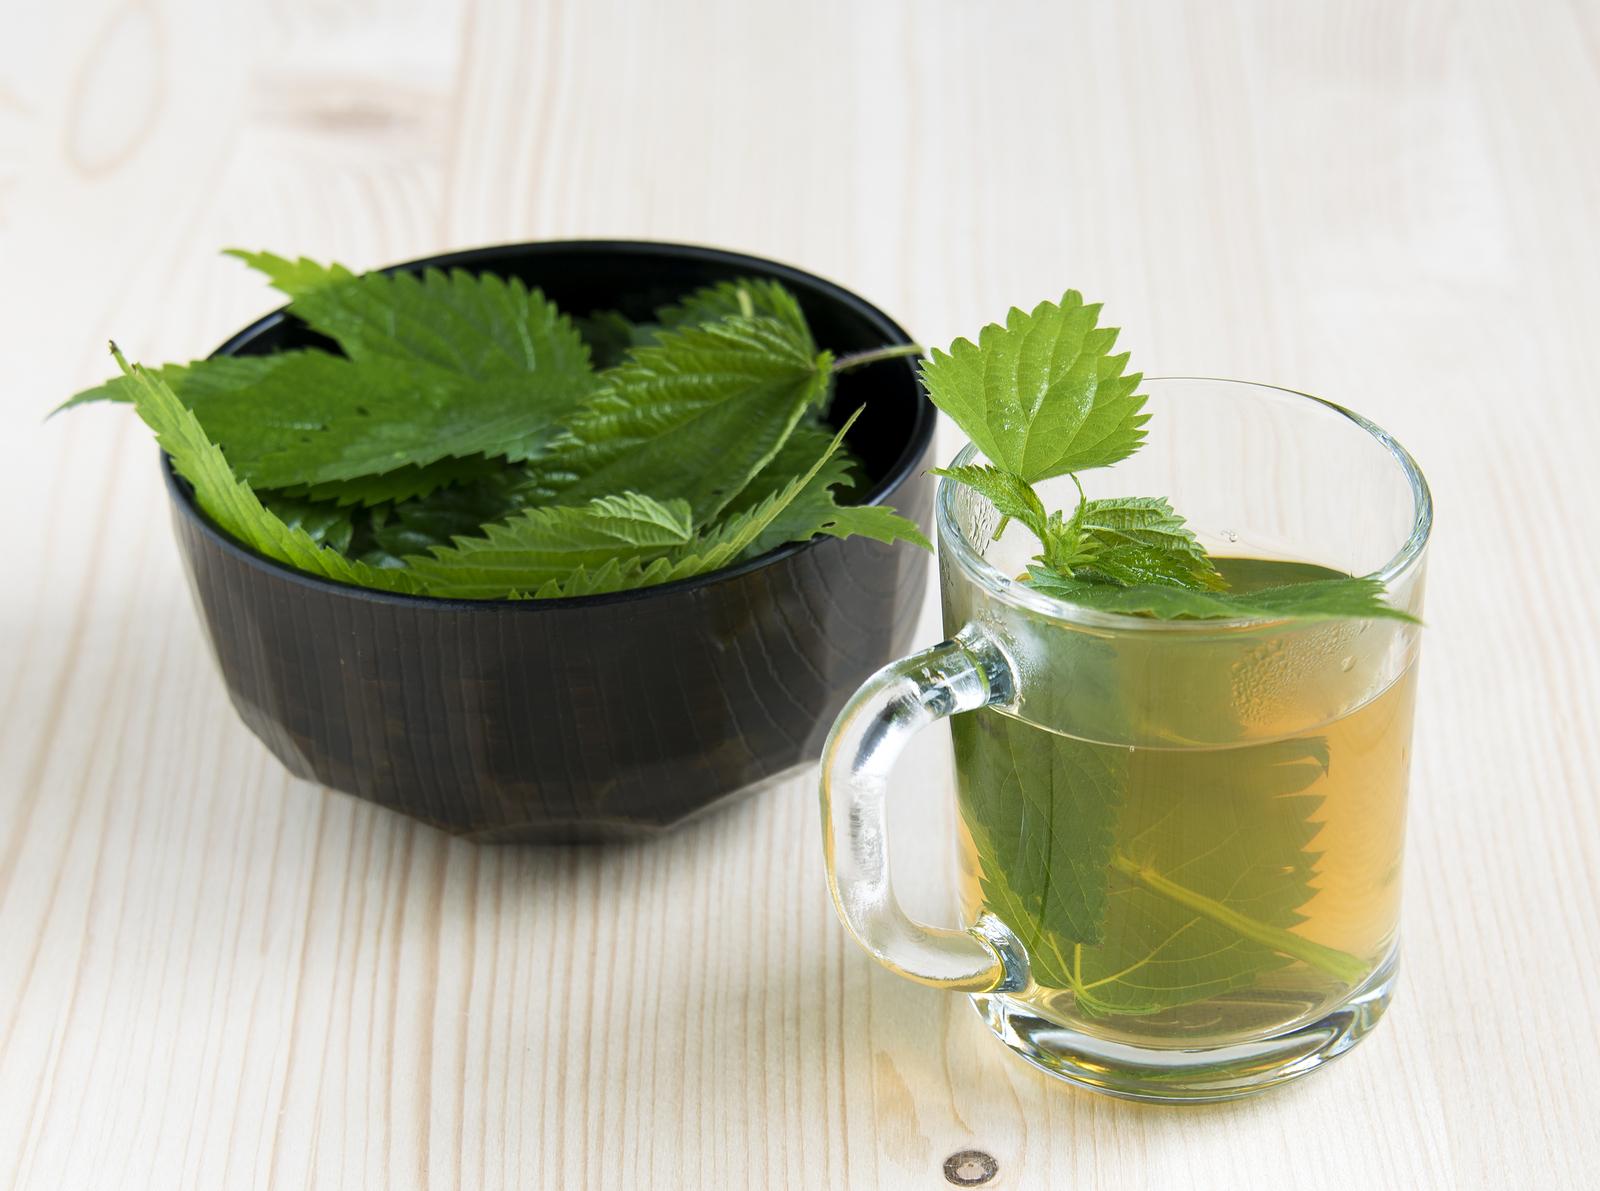 pokrzywa właściwości herbata z pokrzywy